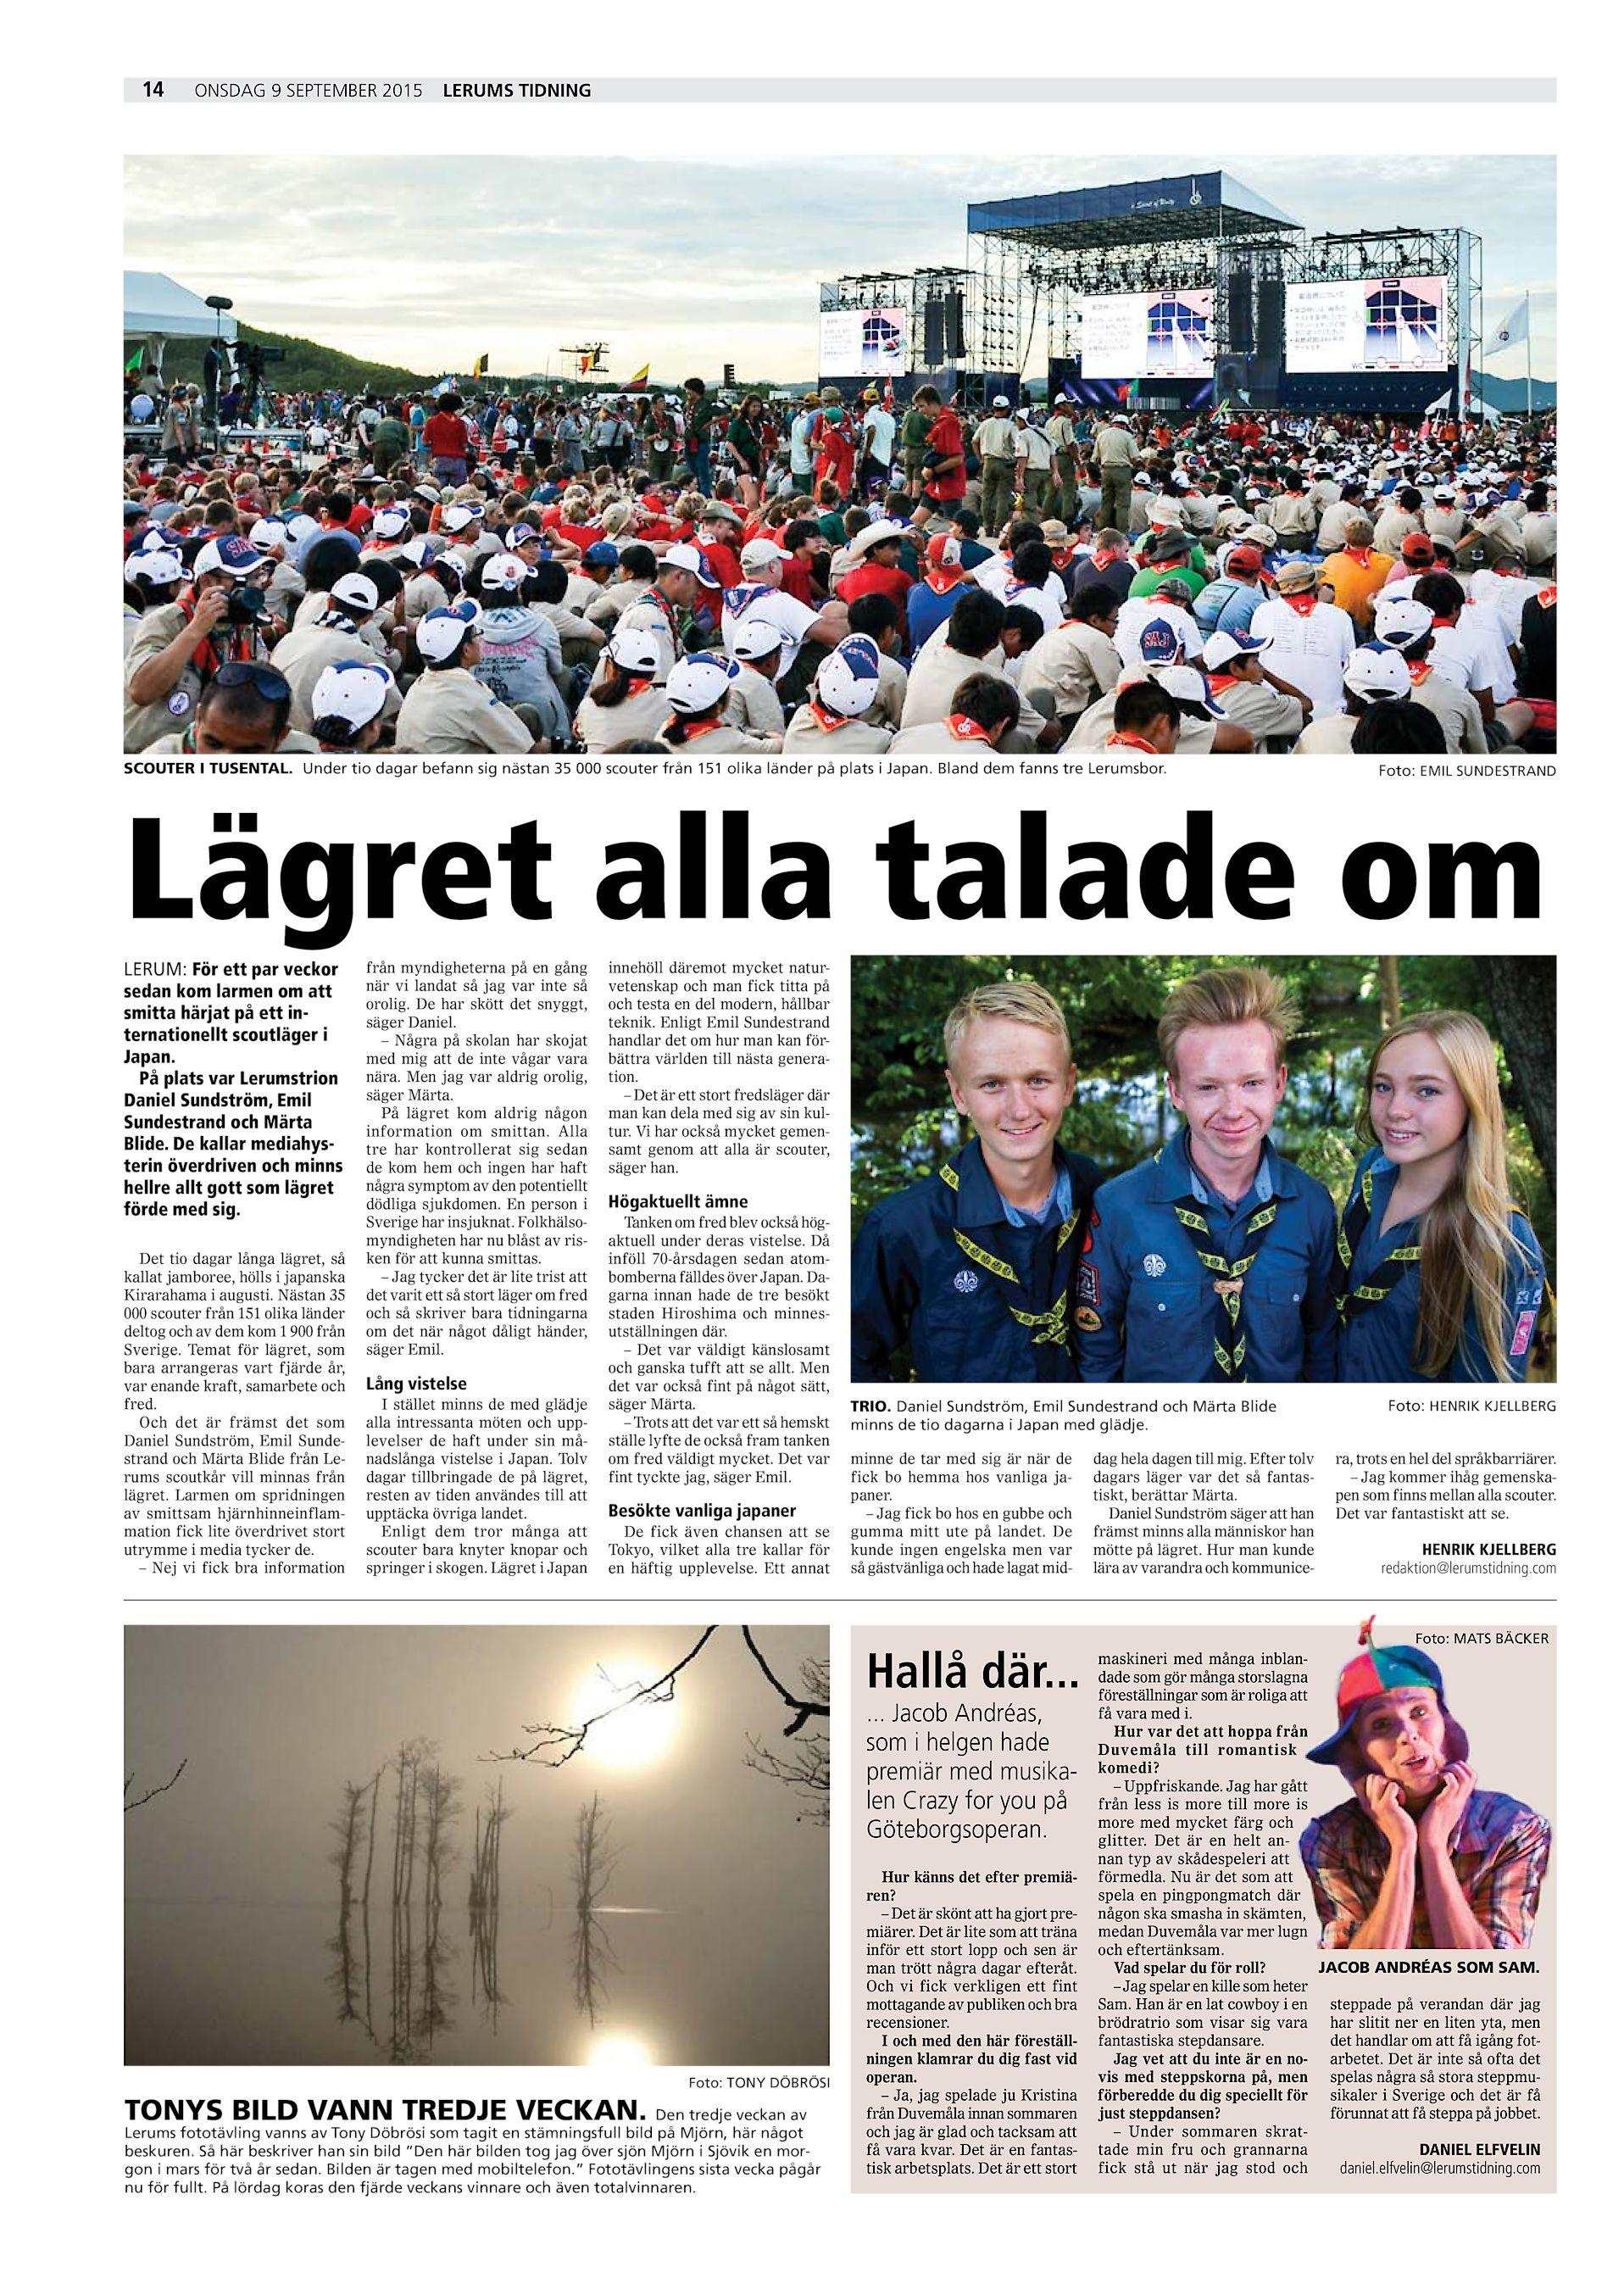 Avs los angeles sadan tidning stad